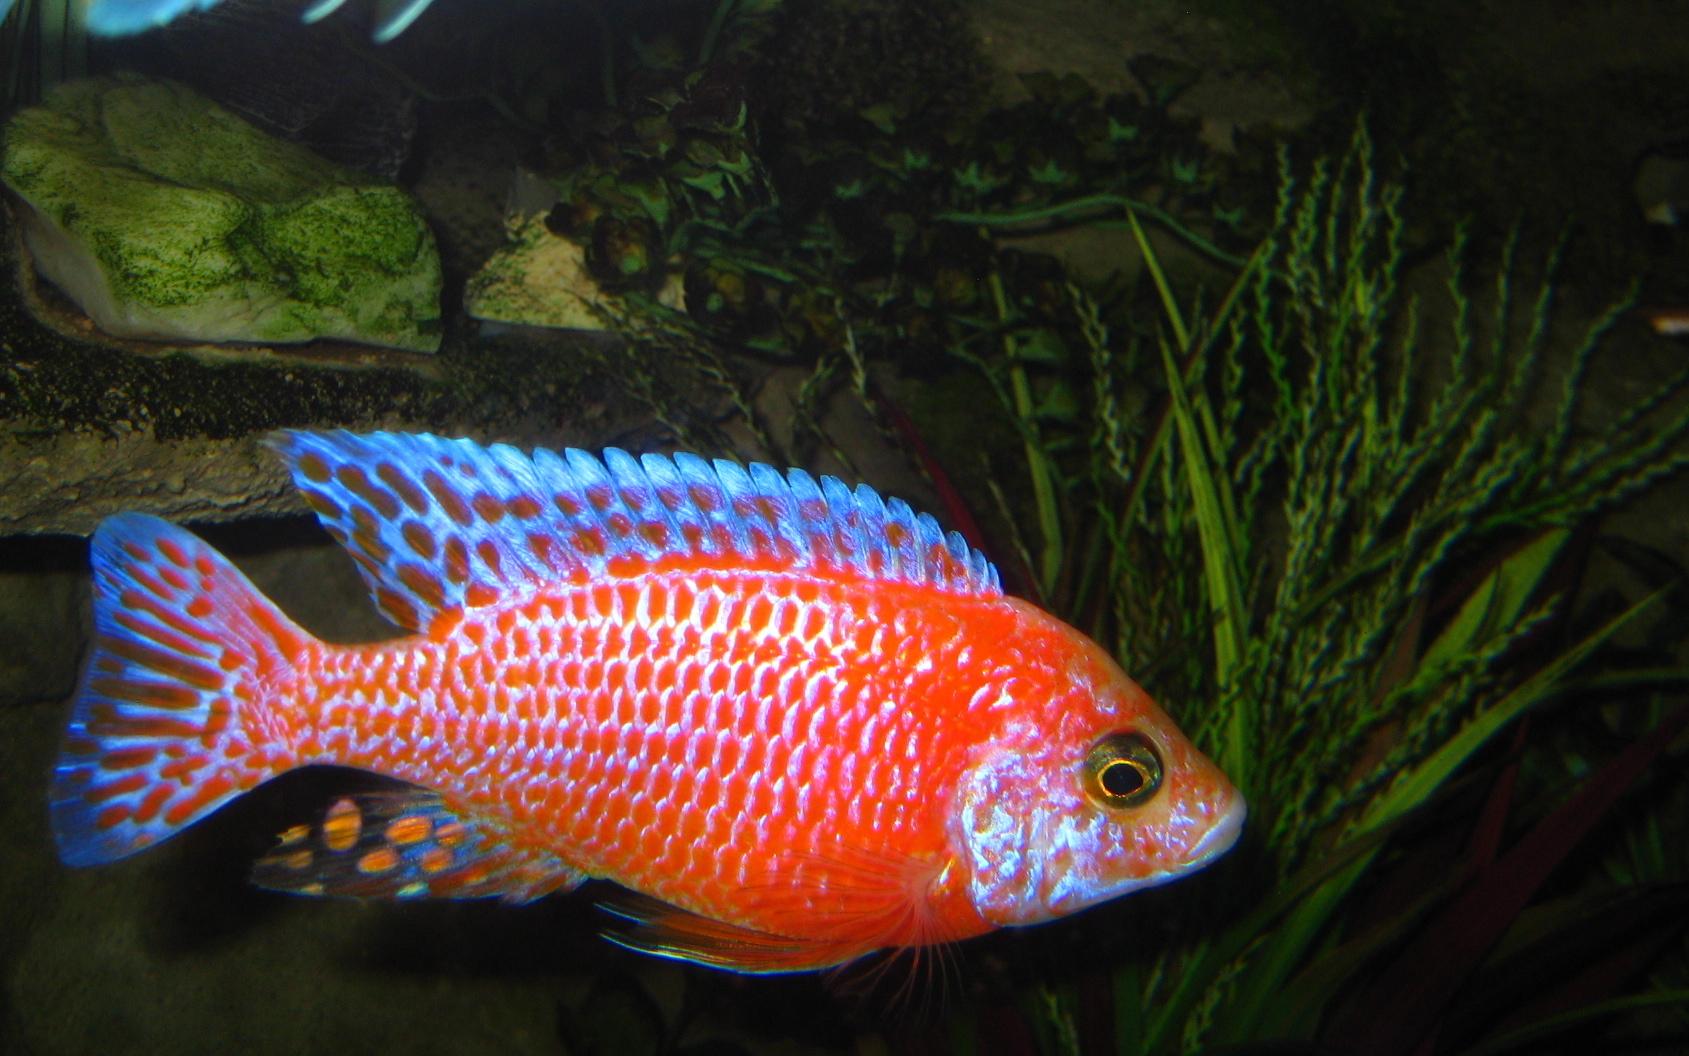 cichlids.com: Sunburst Peacock